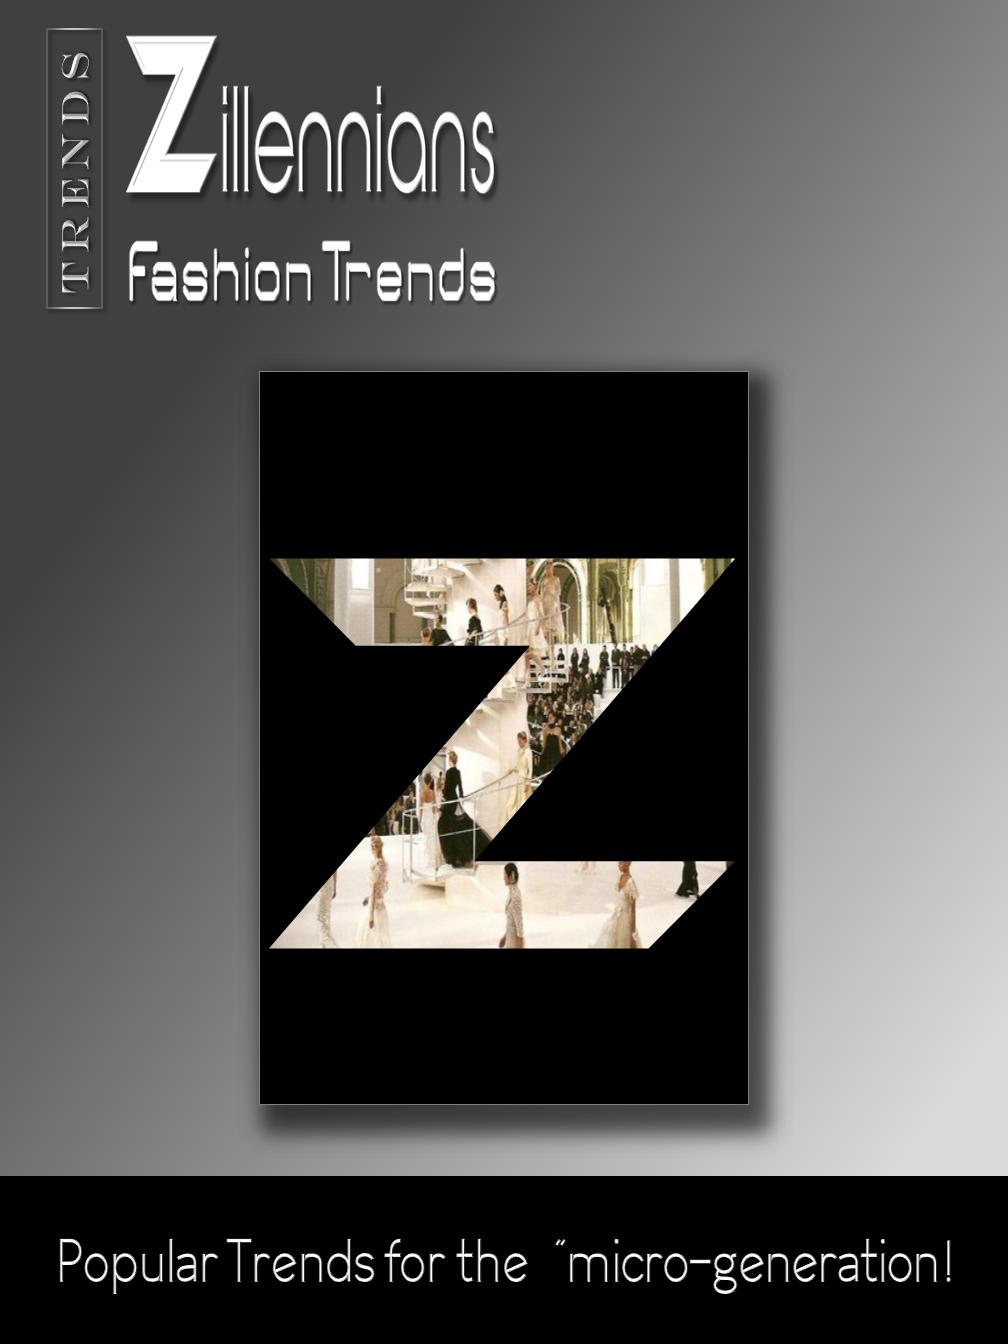 Zillennians' Trends